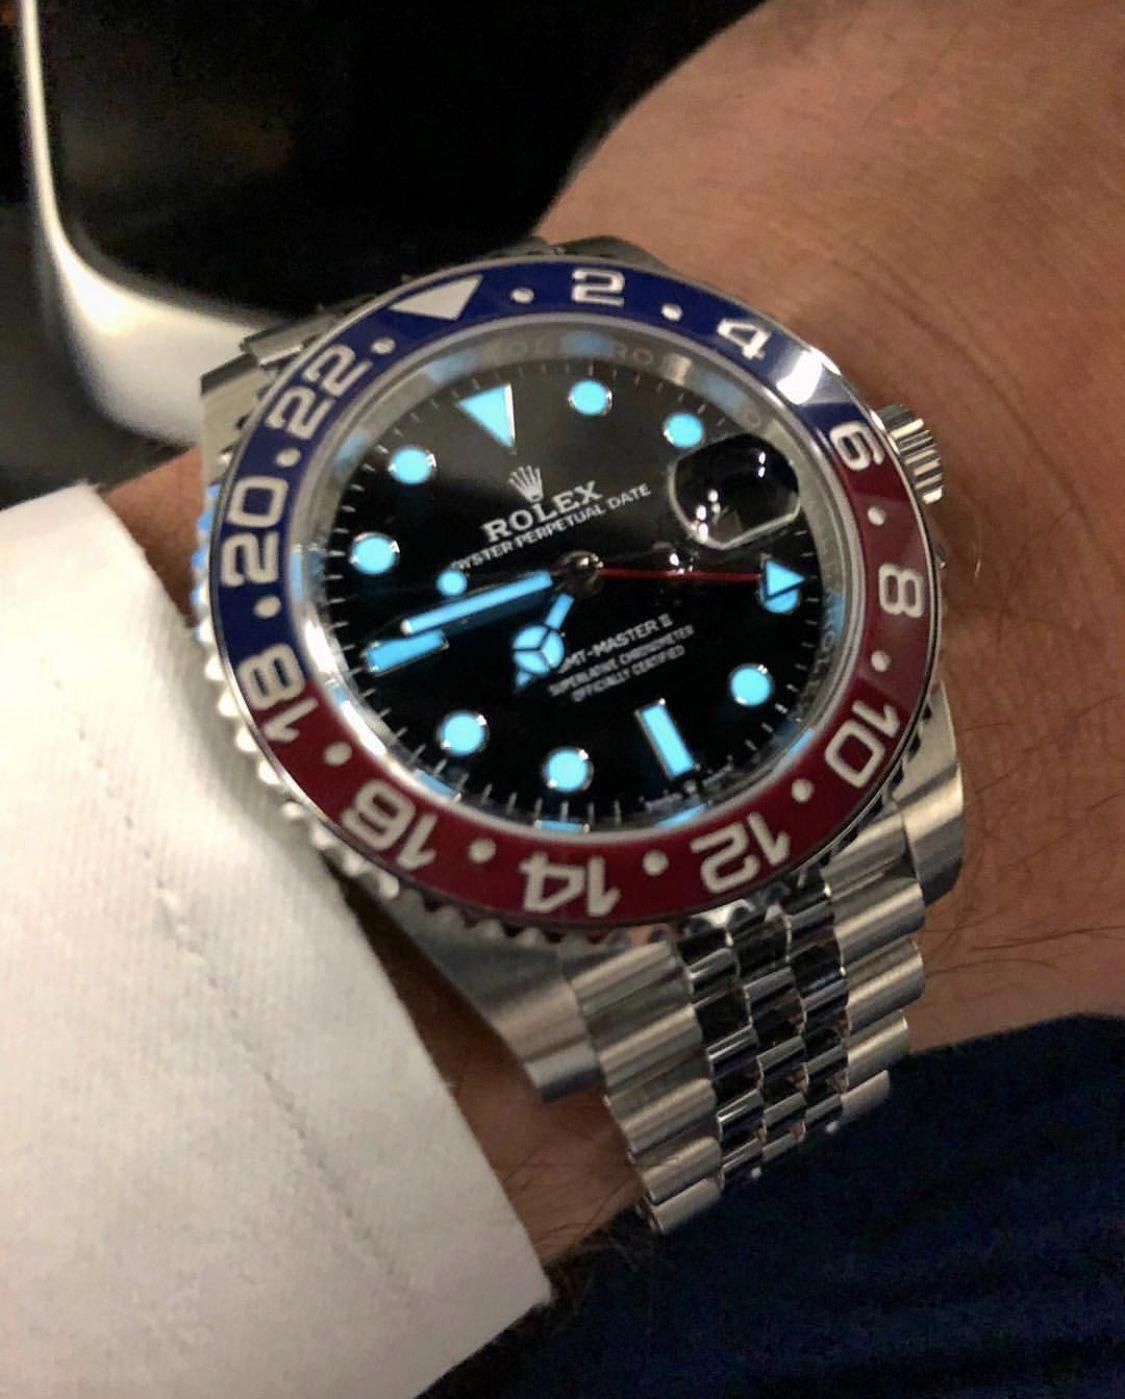 Rolex GMT,Master II Pepsi bestwatchesfashion